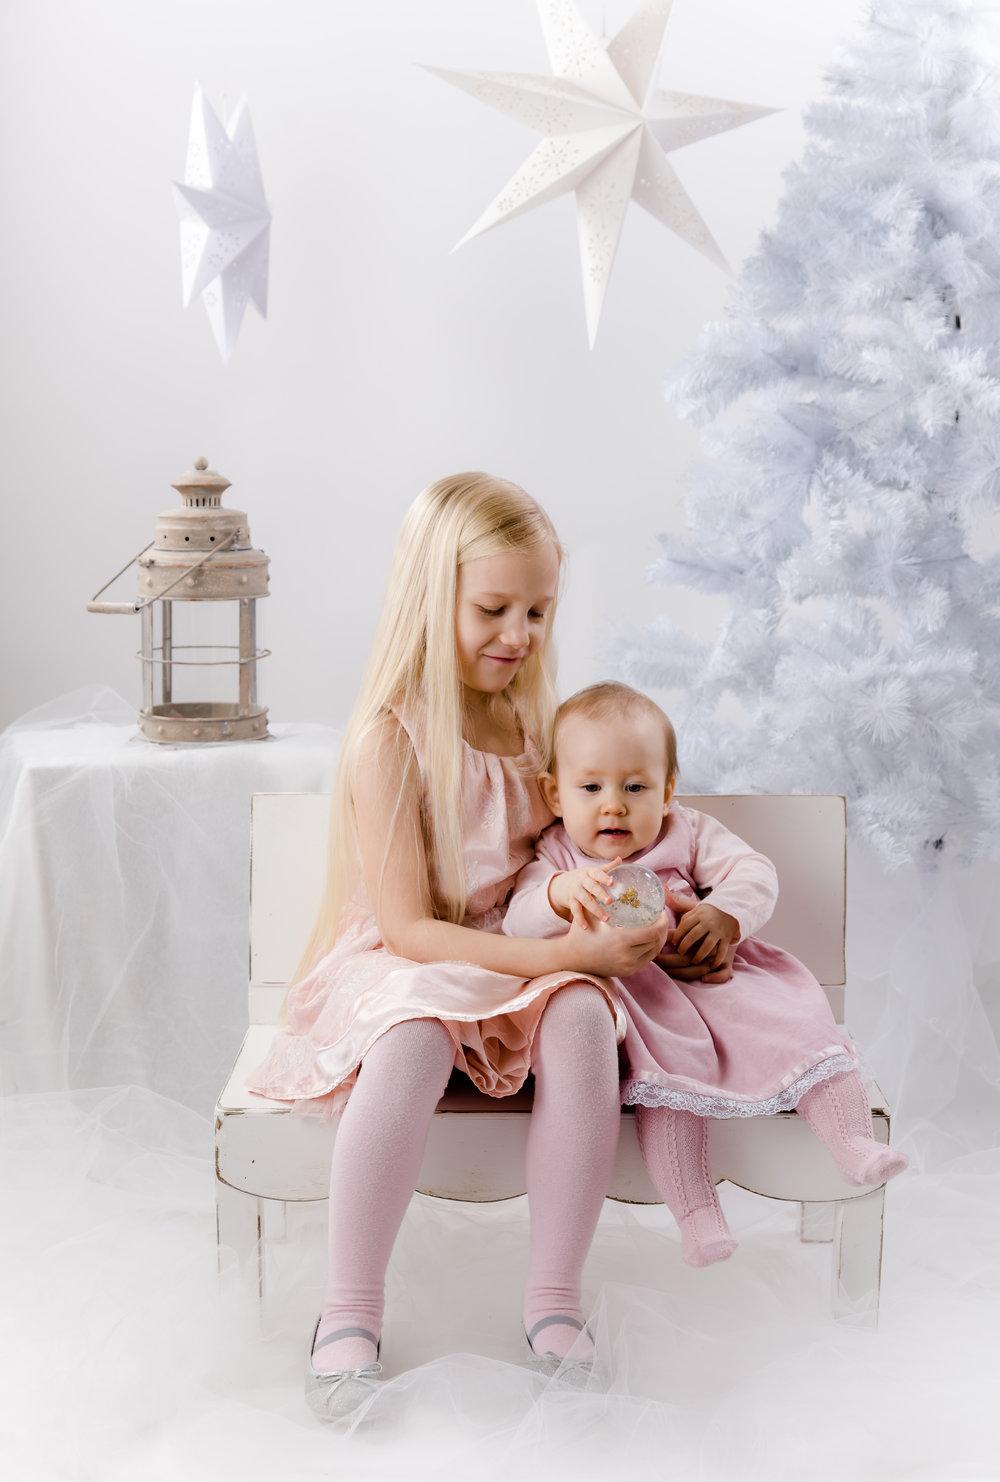 joulukortti_Jaslin&Seidi-1360.jpg